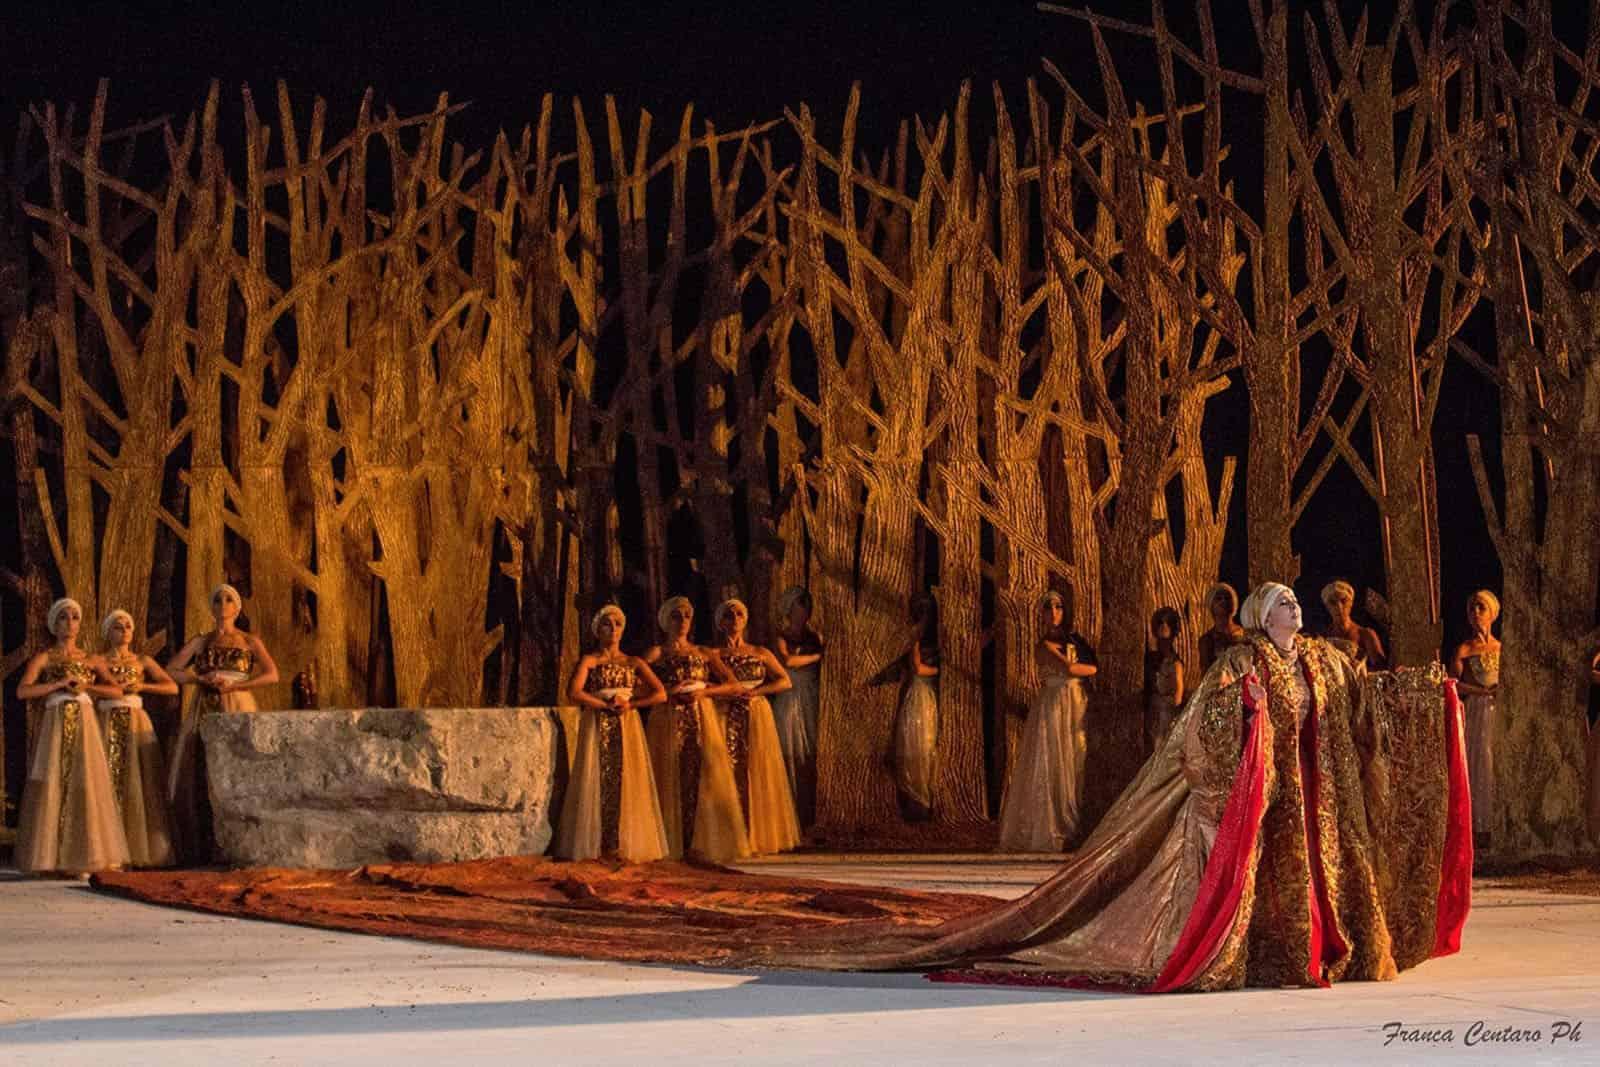 Fedra teatro stabile napoli for Emmerre arredamenti ostia antica orari